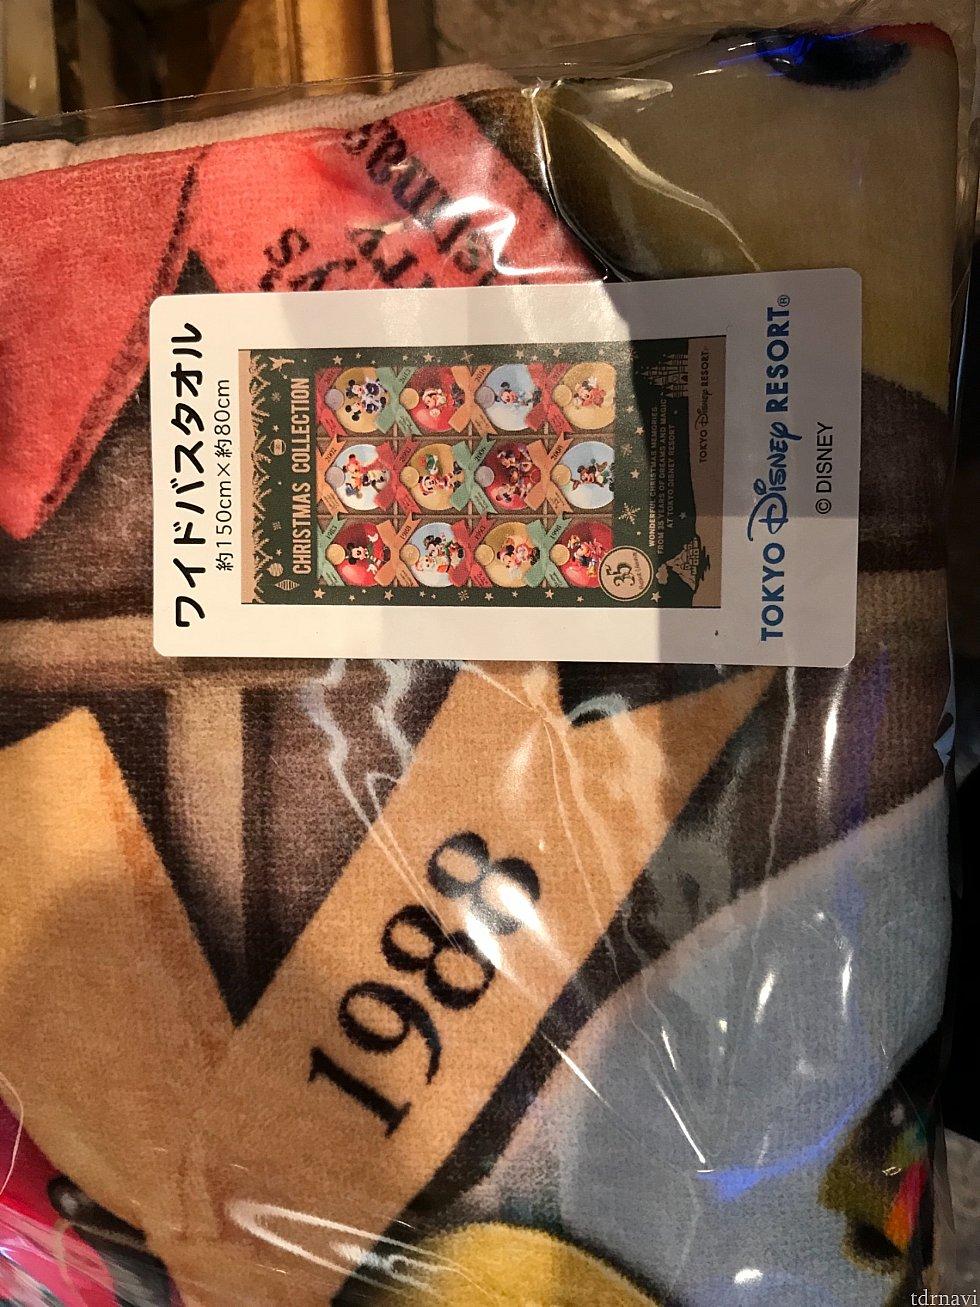 ワイドバスタオル。3400円